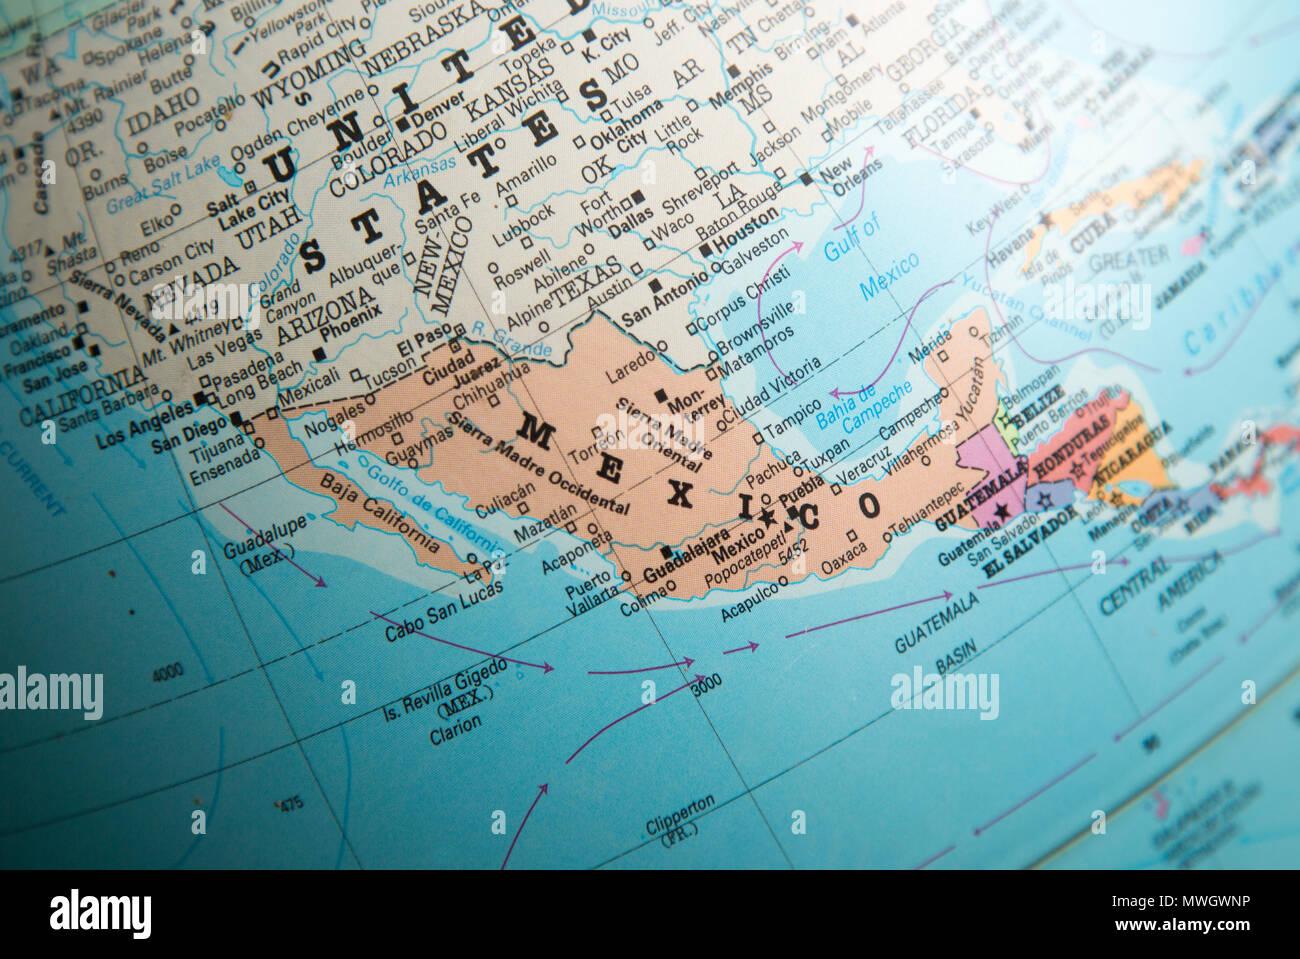 Mexiko Staaten Karte.Nordamerika Karte Auf Einem Globus Konzentrierte Sich Auf